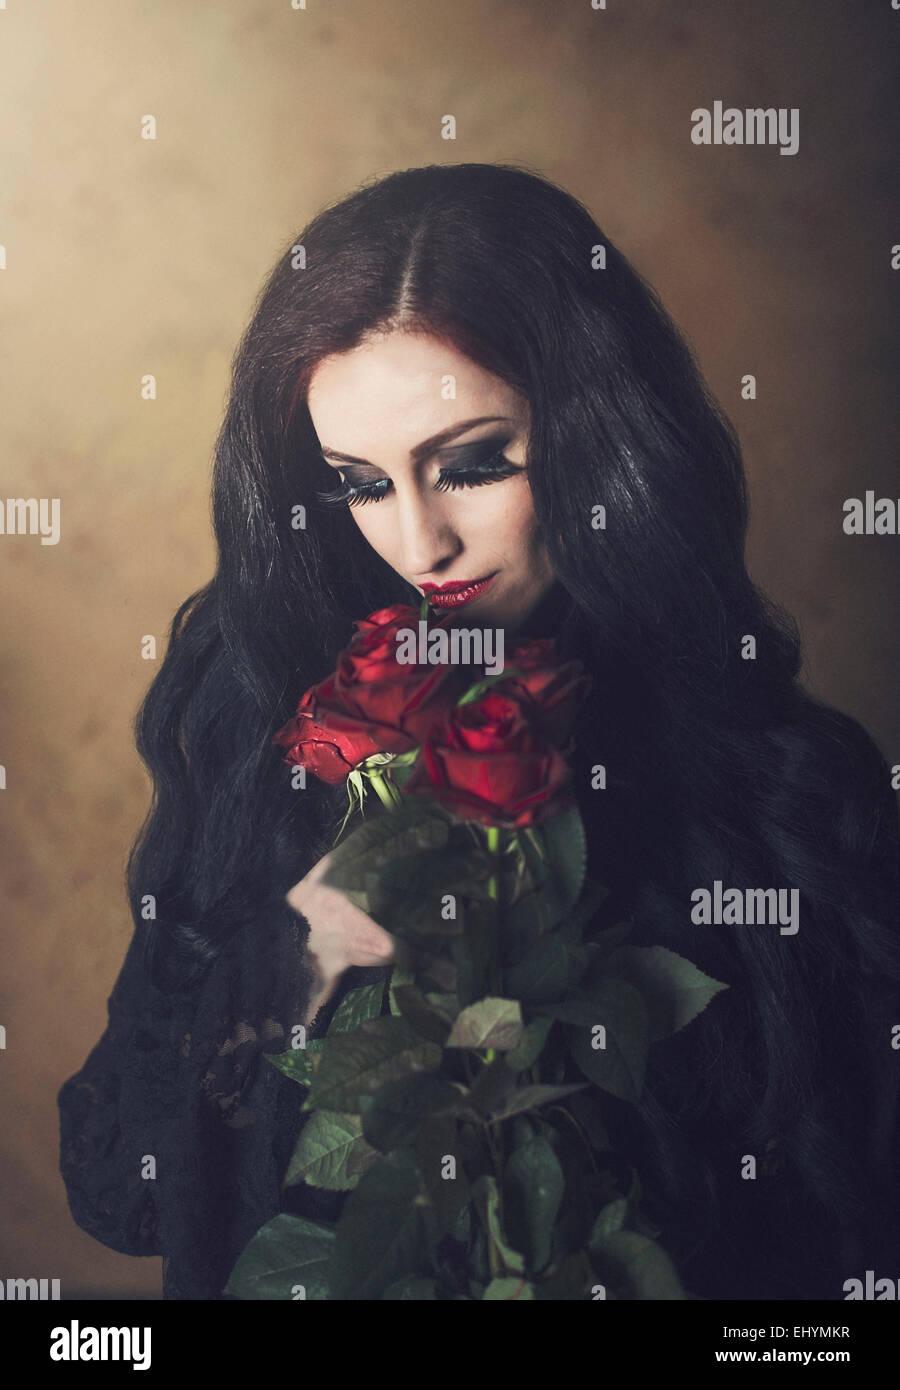 Ritratto di una donna in nero che tiene mazzo di rose rosse Immagini Stock